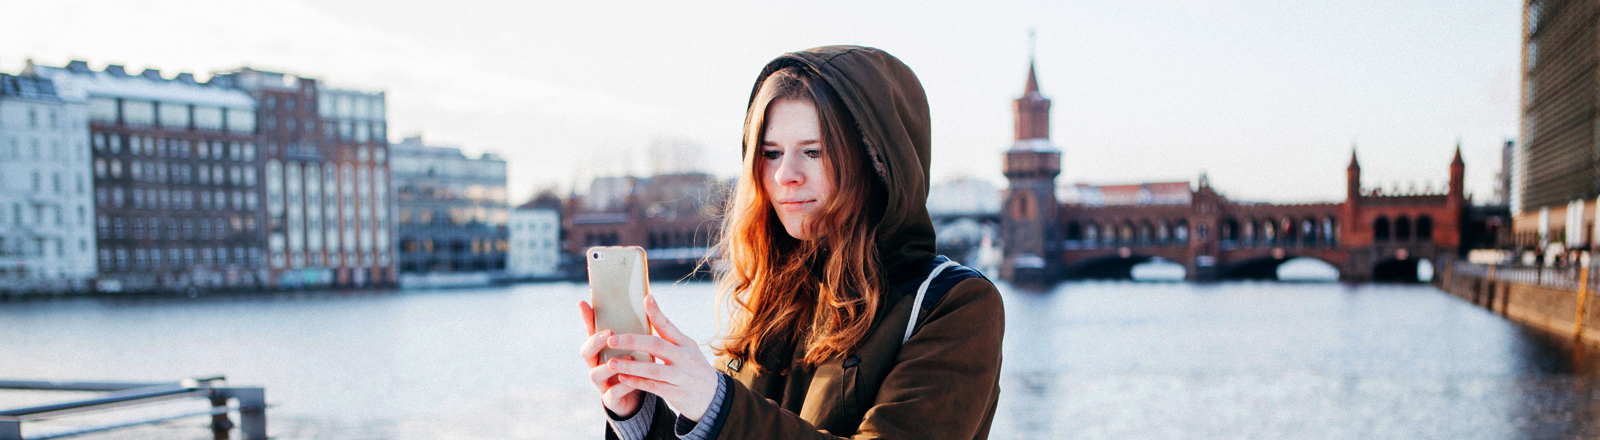 Frau macht Selfie vor der Berliner Oberbaumbrücke